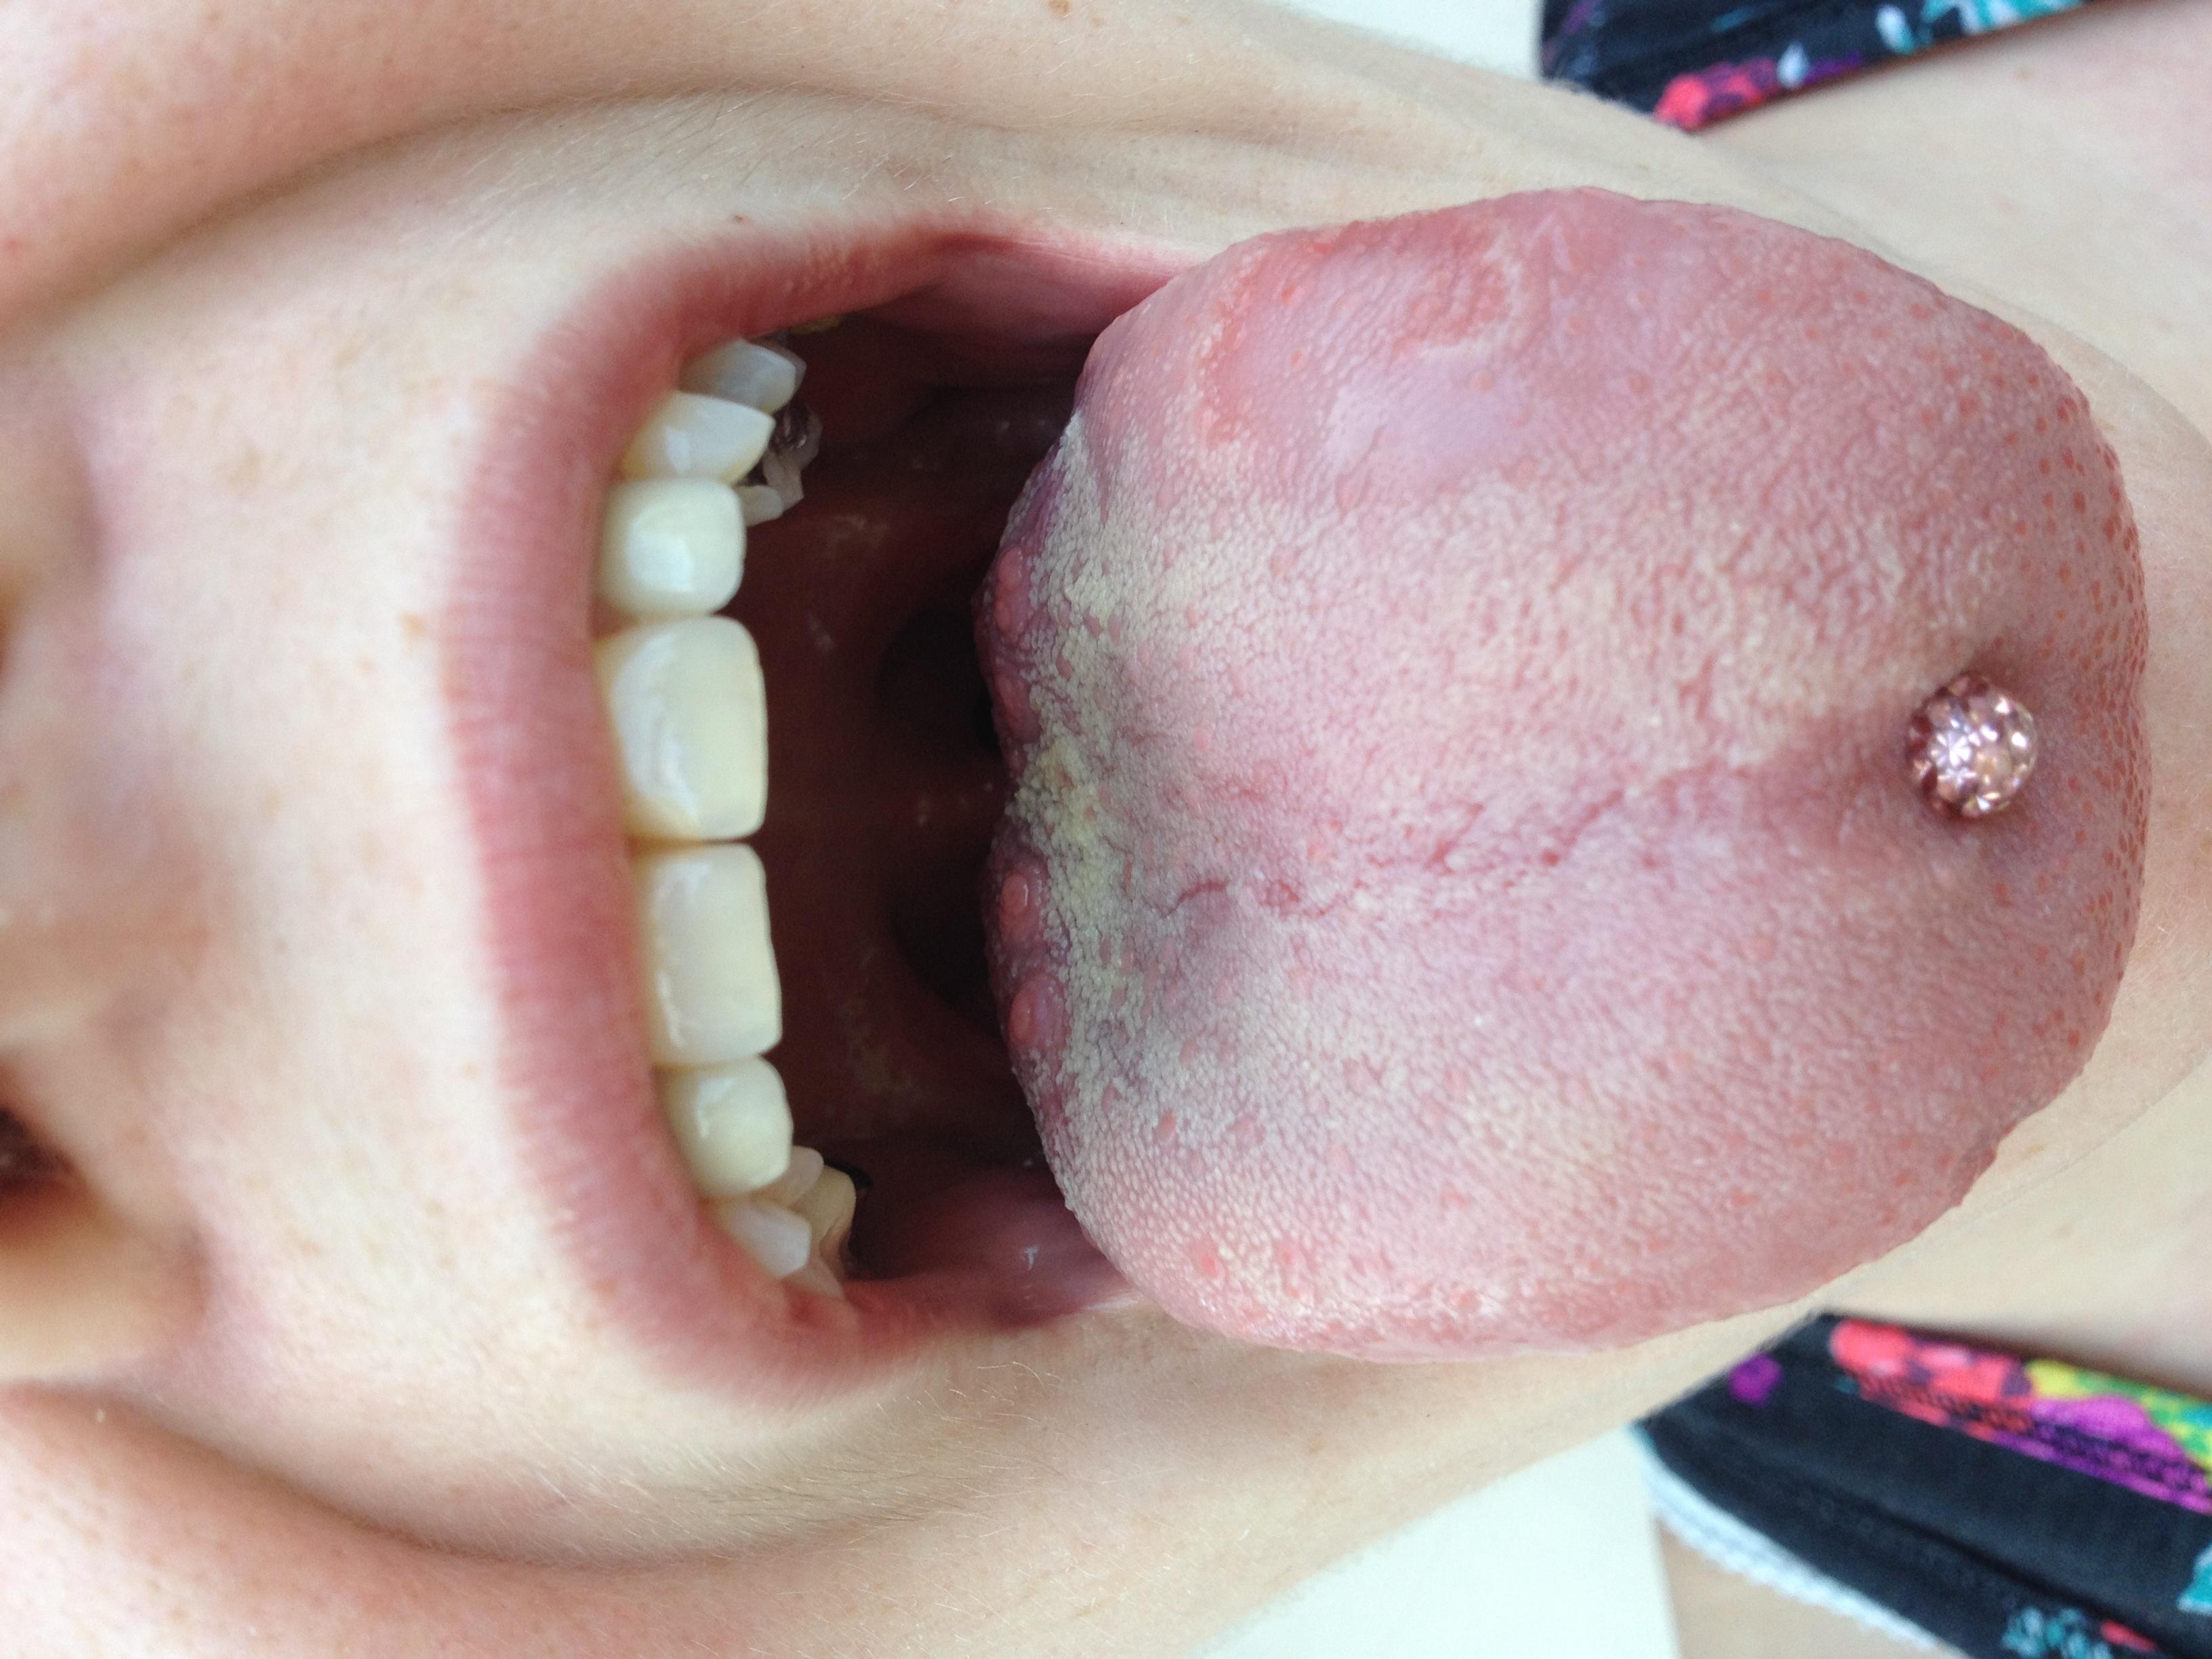 Ist dieser Belag normal auf Zunge? (Mund)